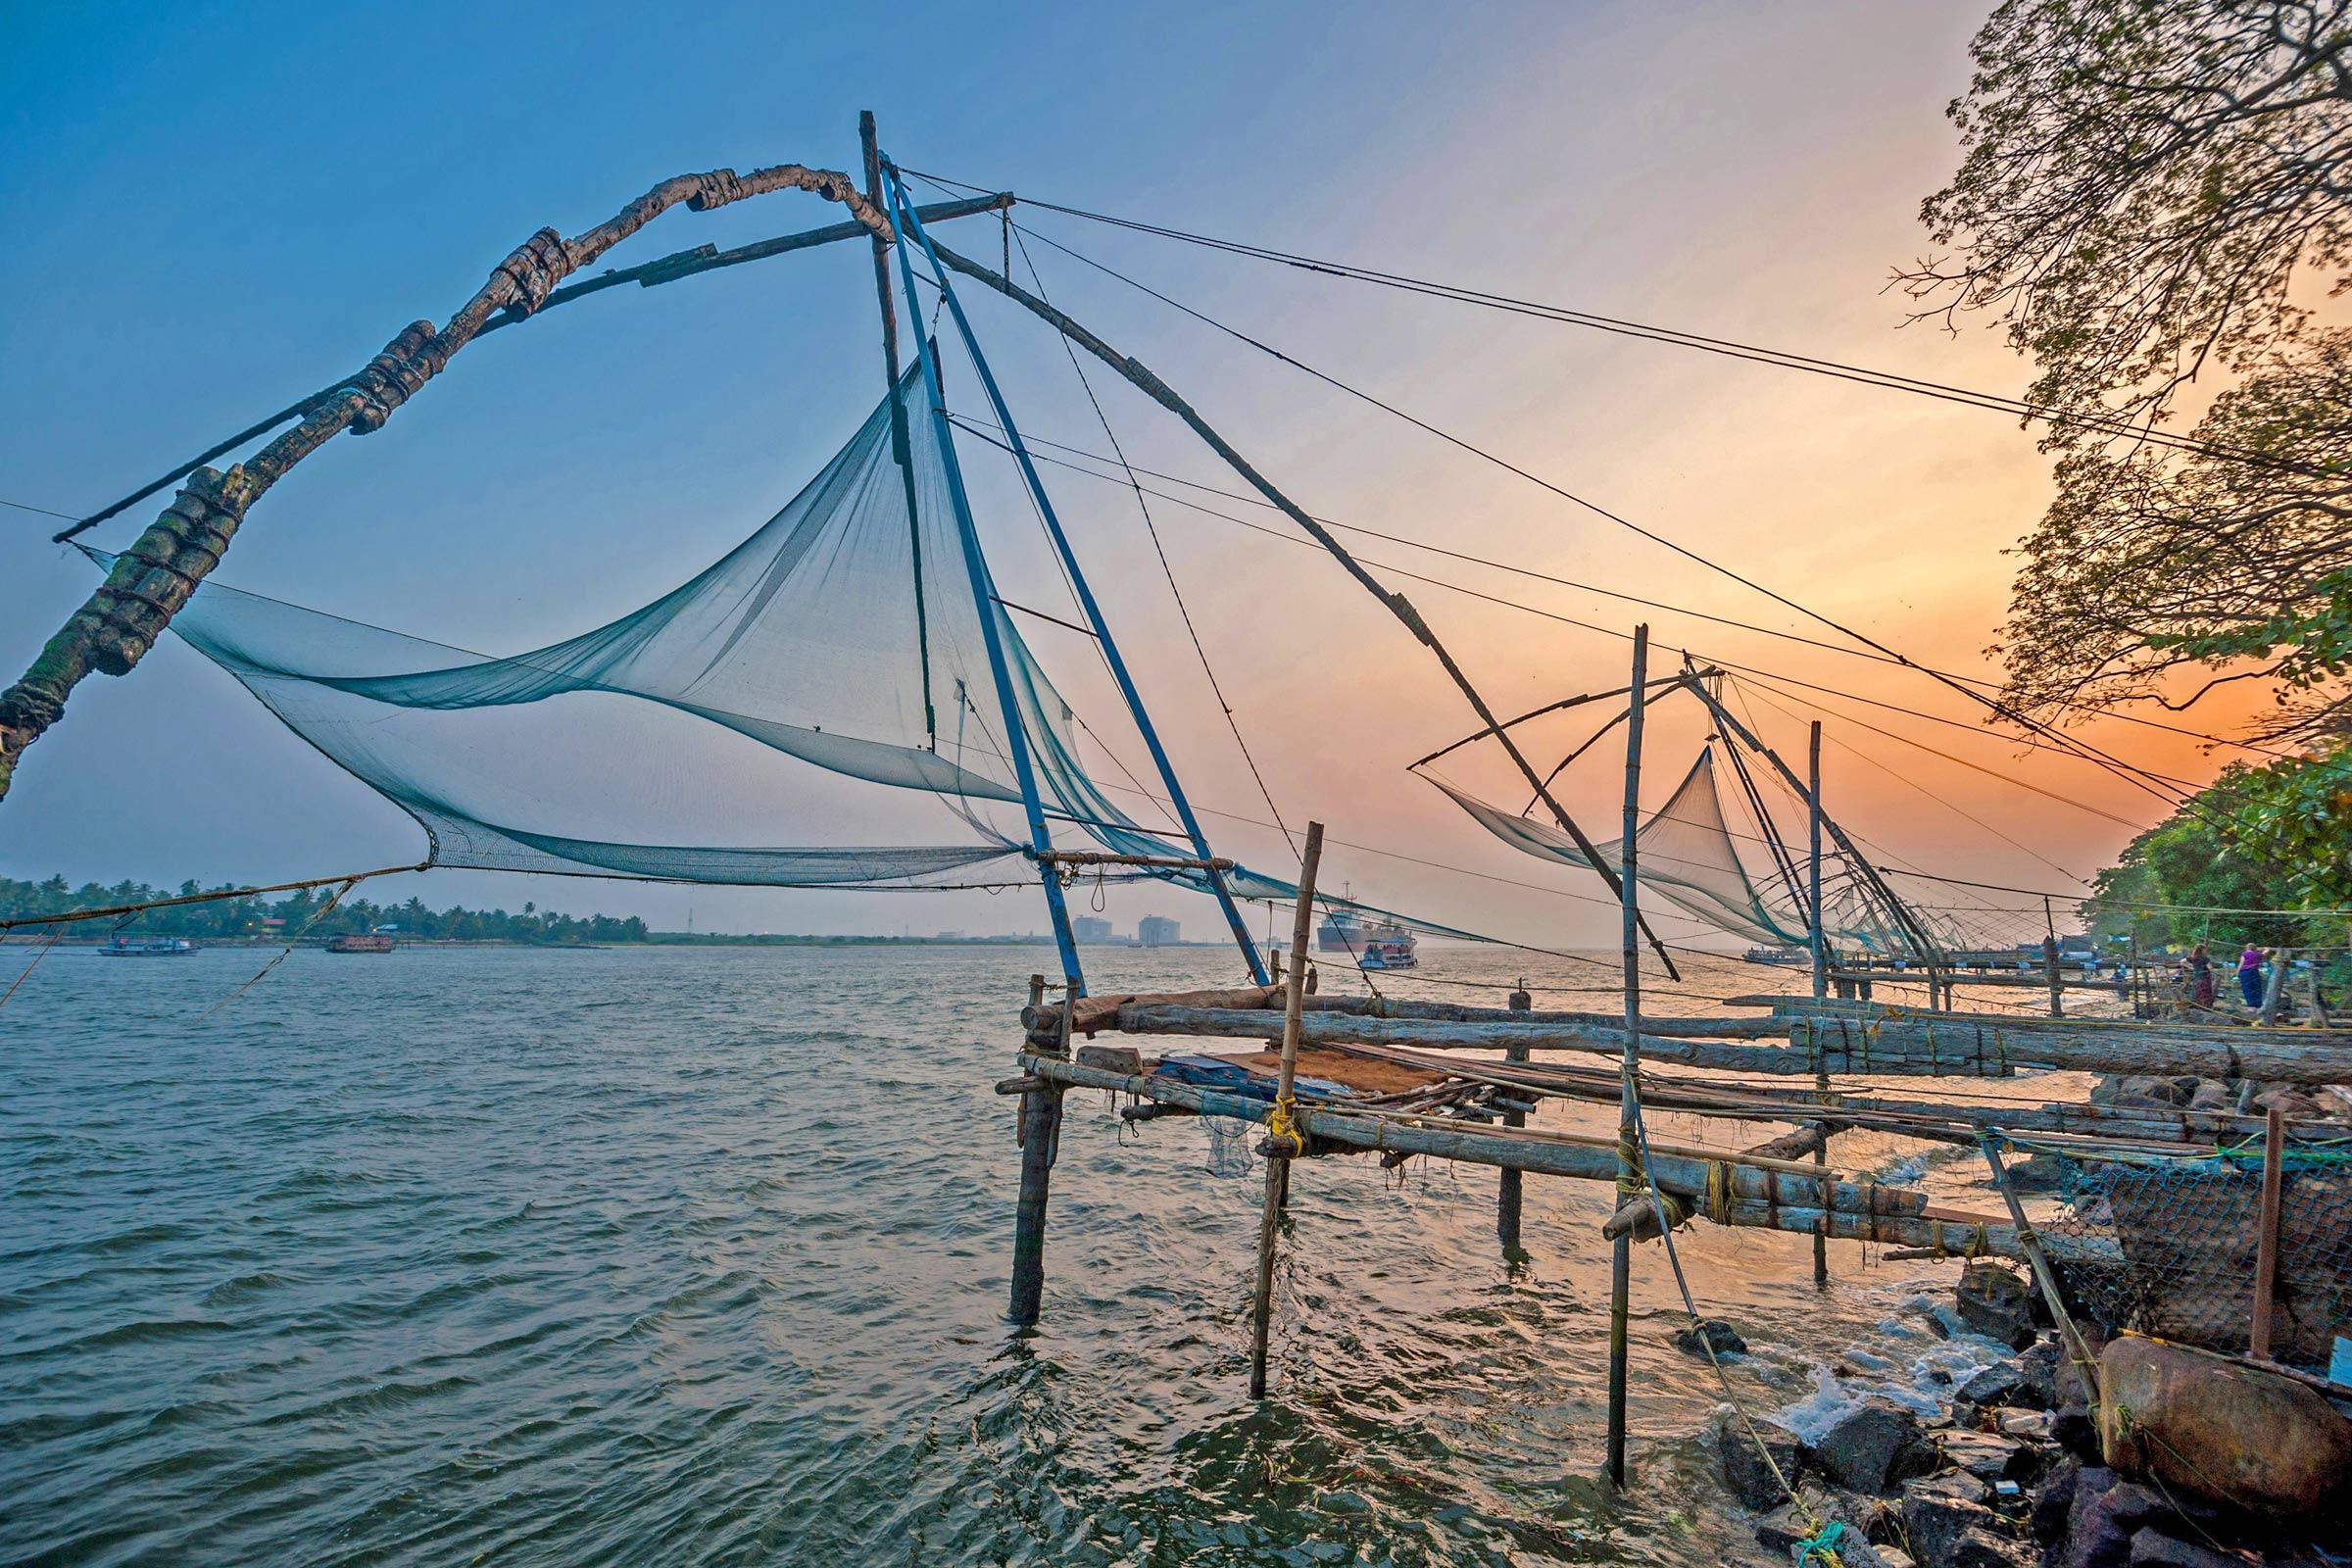 Kochi Fish Net